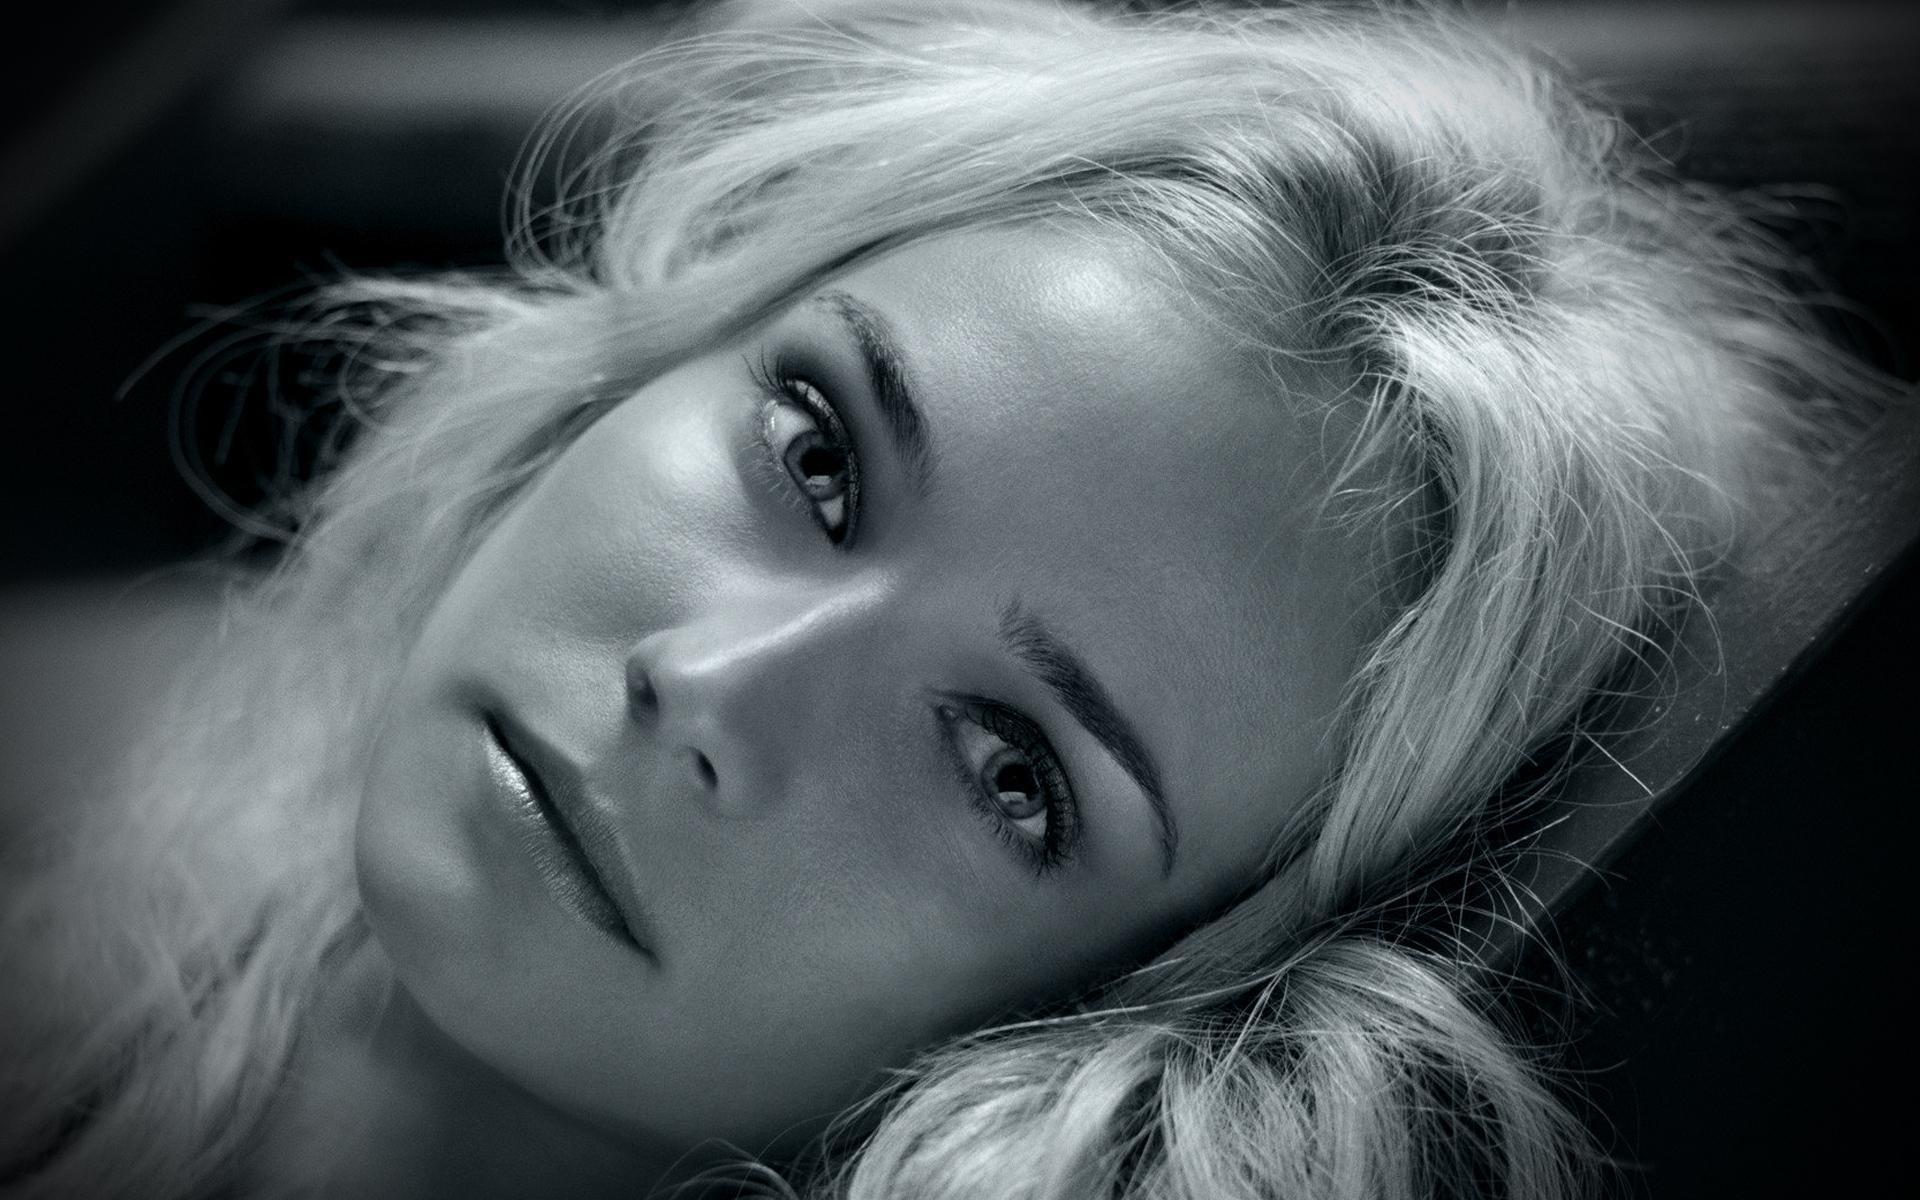 Фото девушек блондинка с большими глазами 1 фотография